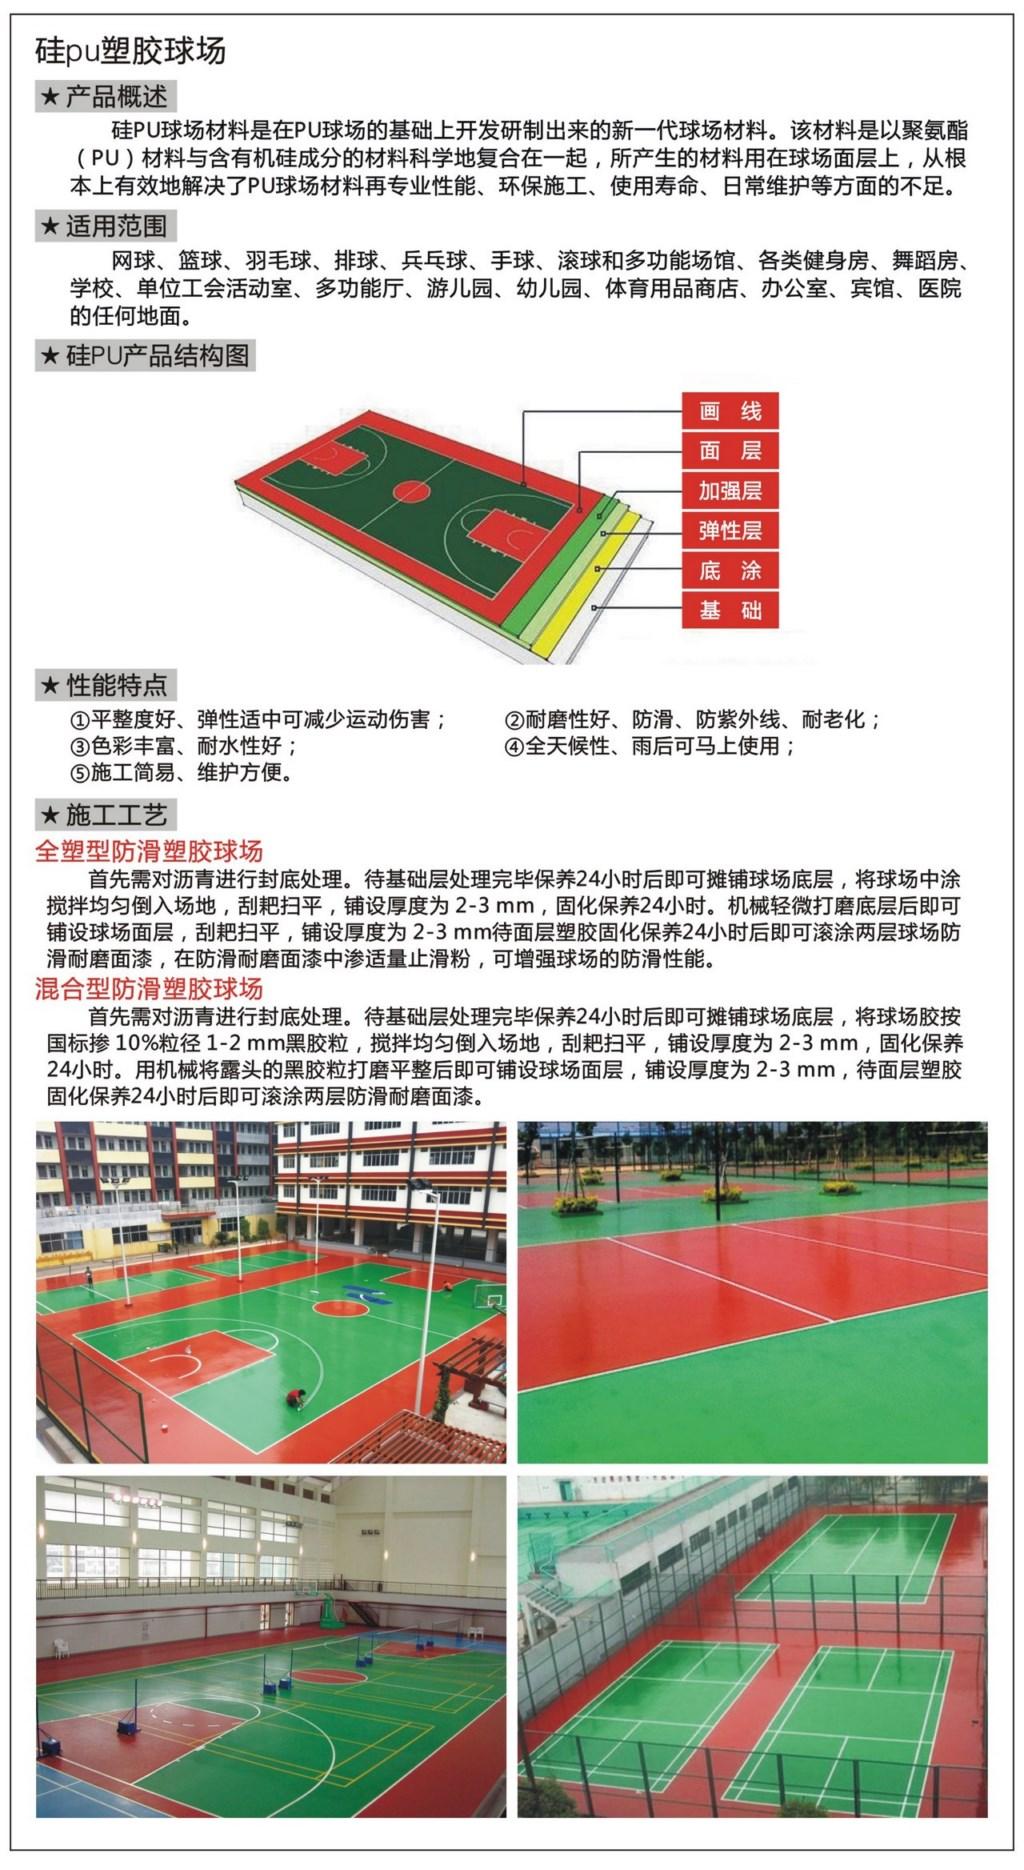 12硅PU塑胶球场.jpg